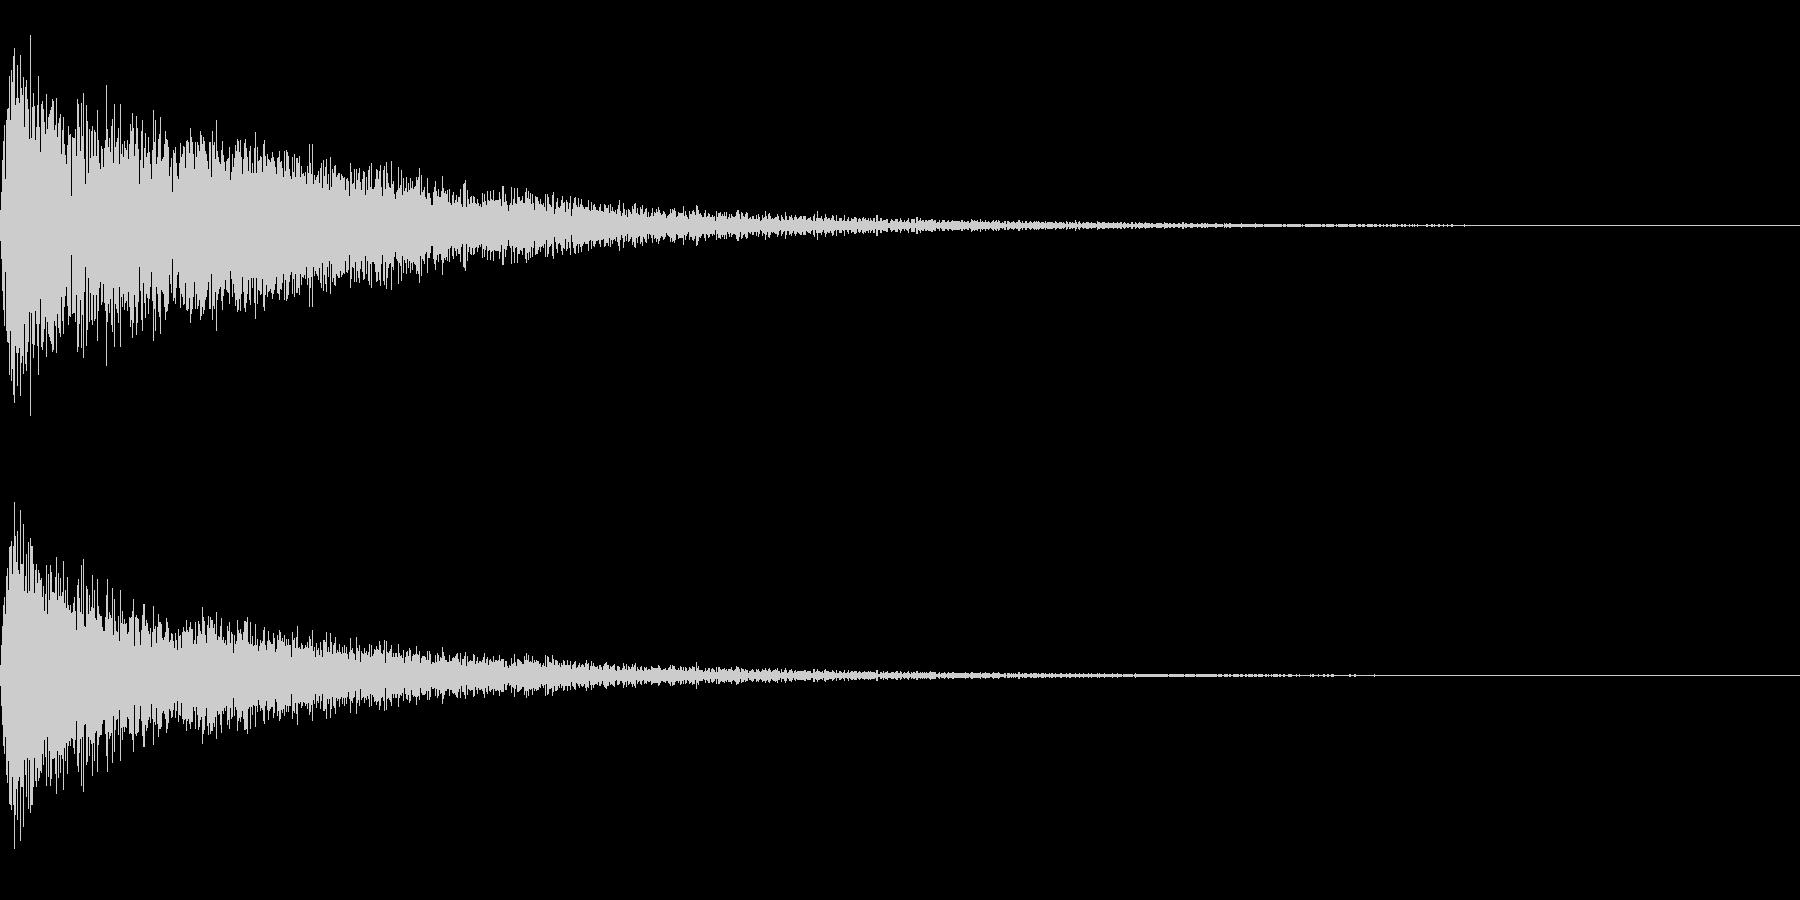 バーン~劇伴用の爆発音~の未再生の波形